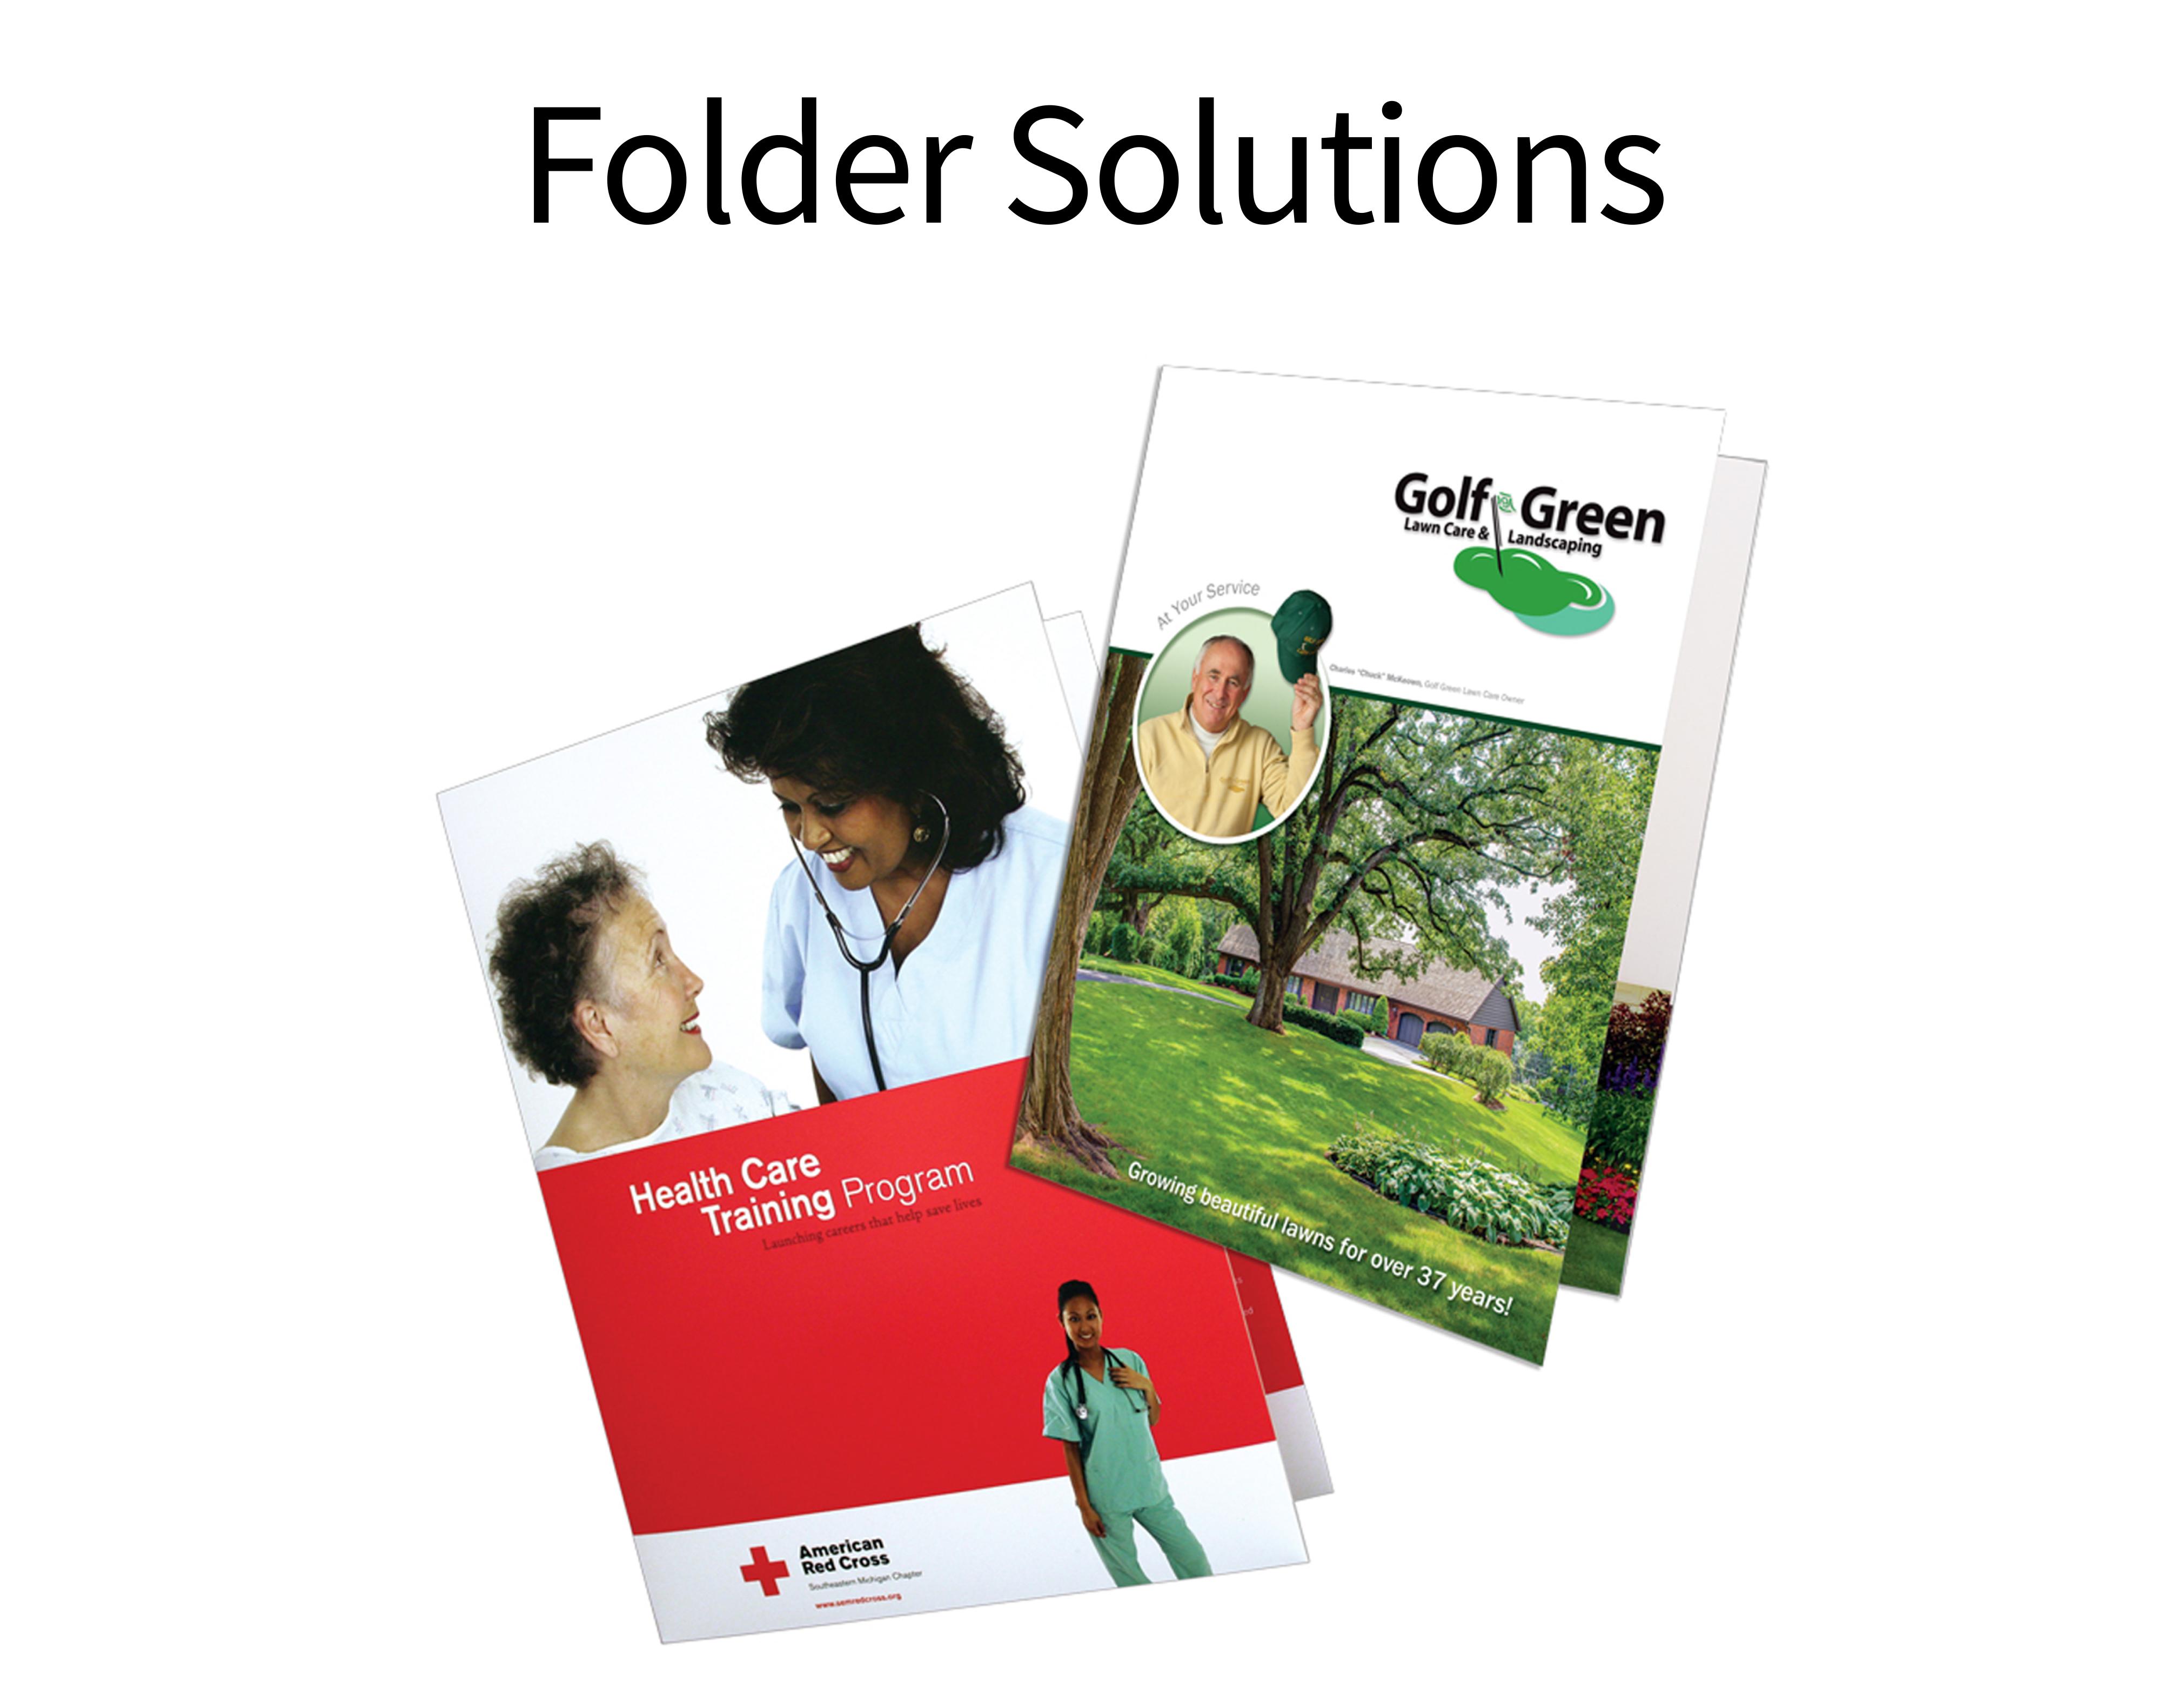 folder solutions